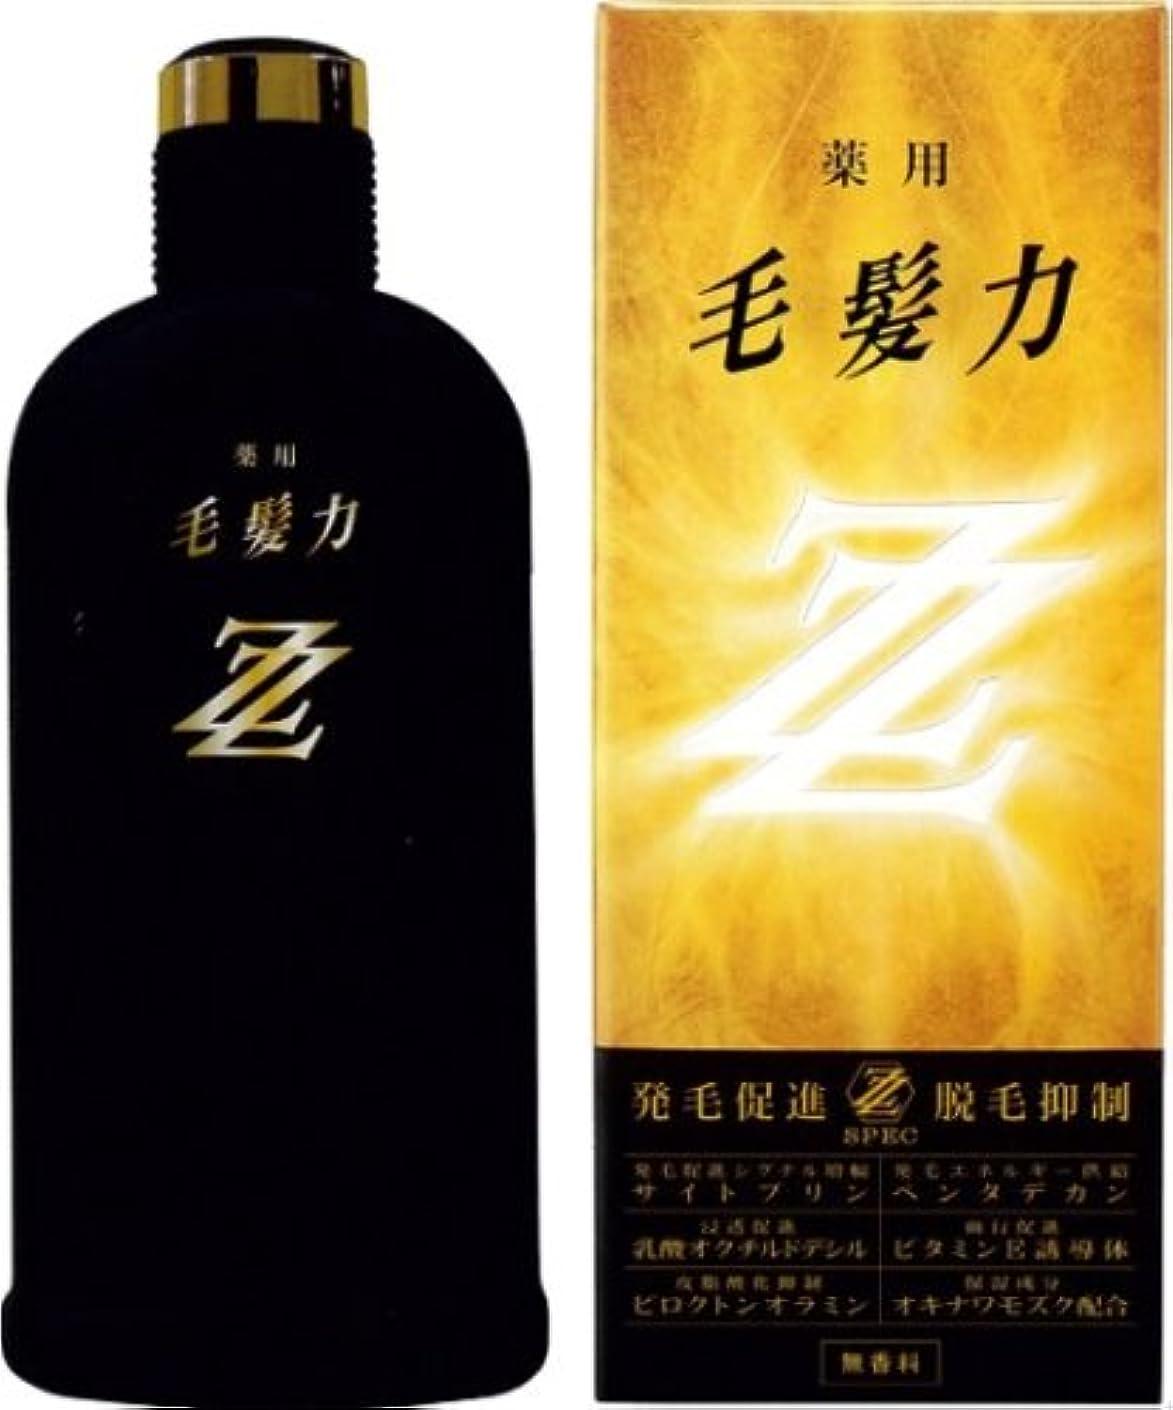 要求する委託息苦しい薬用毛髪力ZZ(ダブルジー) 育毛剤 200ml(医薬部外品)